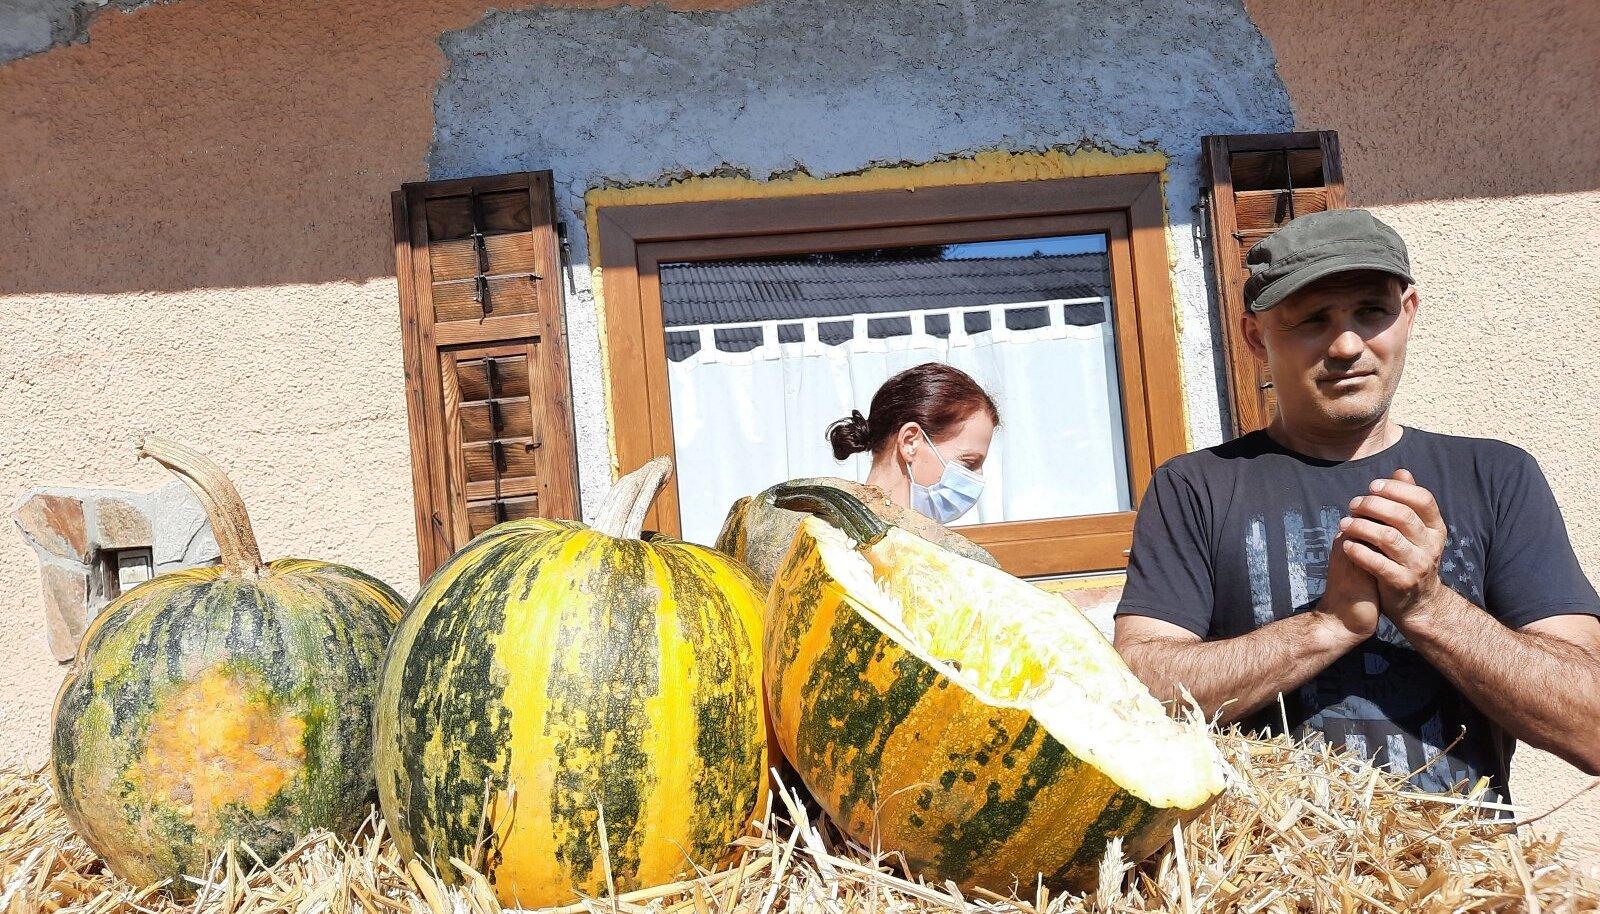 Hergani talu teeb kõrvitsaseemneõli, tegemisi tutvustab peremees Dušan Kos.